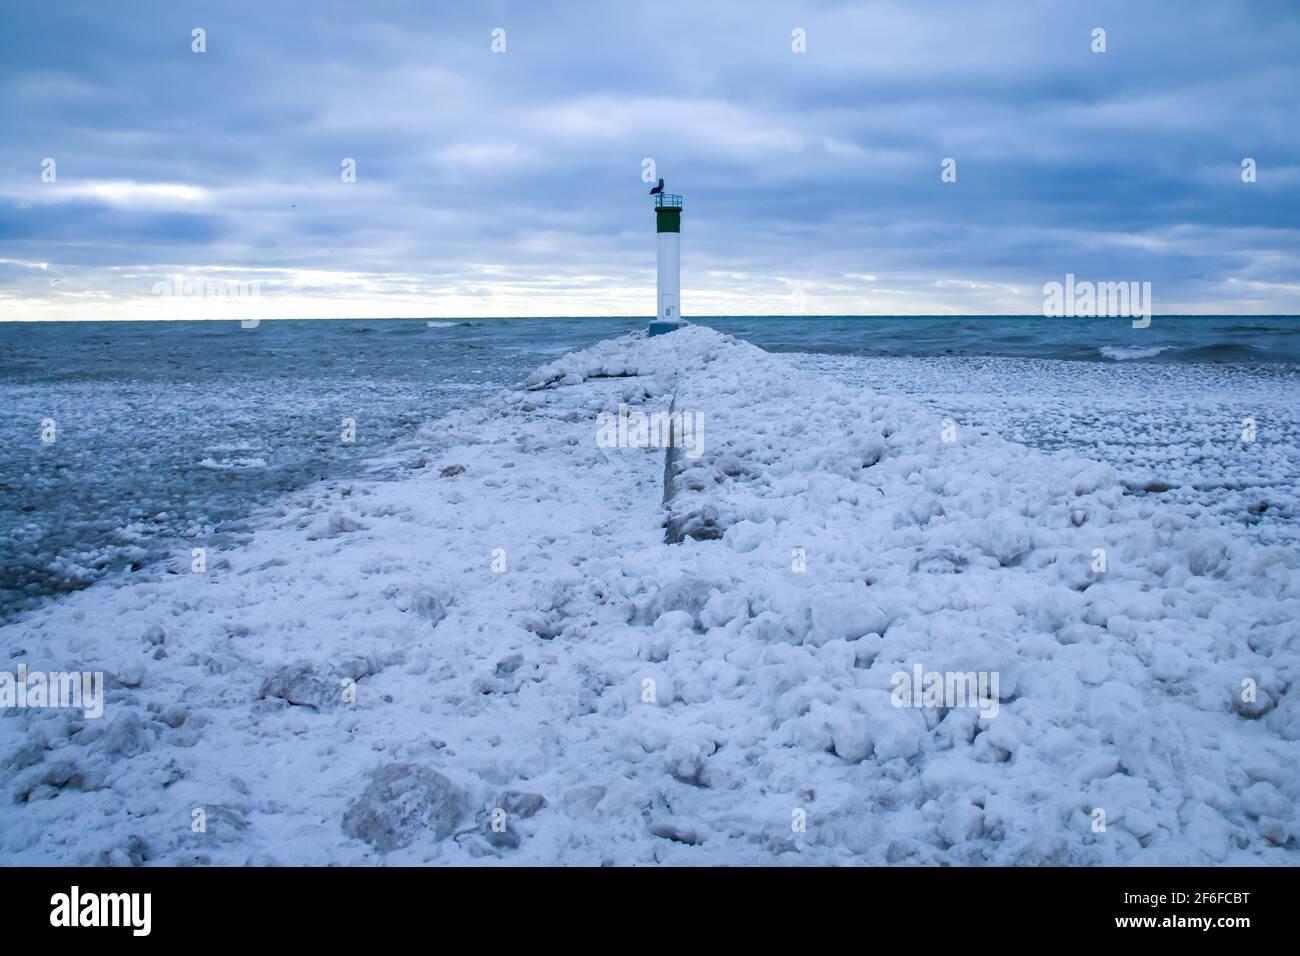 Un percorso di neve e ghiaccio che conduce fino al molo al faro di Grand Bend a Grand Bend Beach nel gennaio 2021, Lambton Shores. Foto Stock